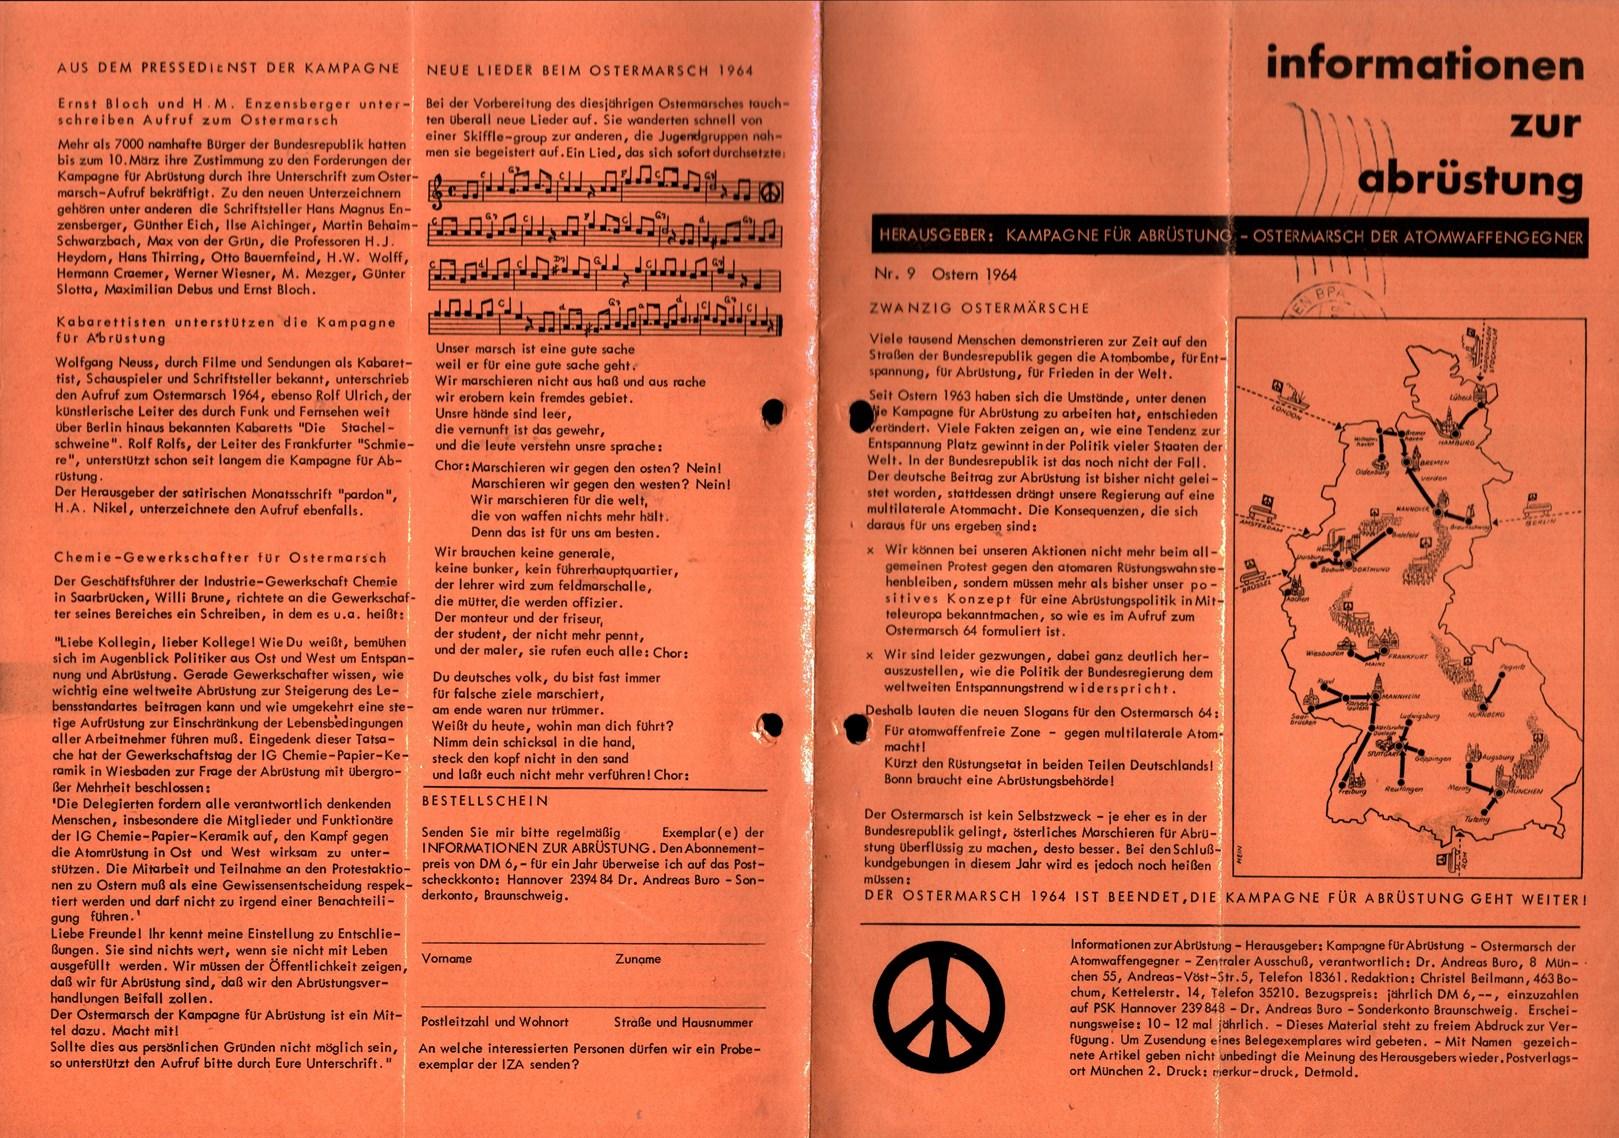 Infos_zur_Abruestung_1964_009_001